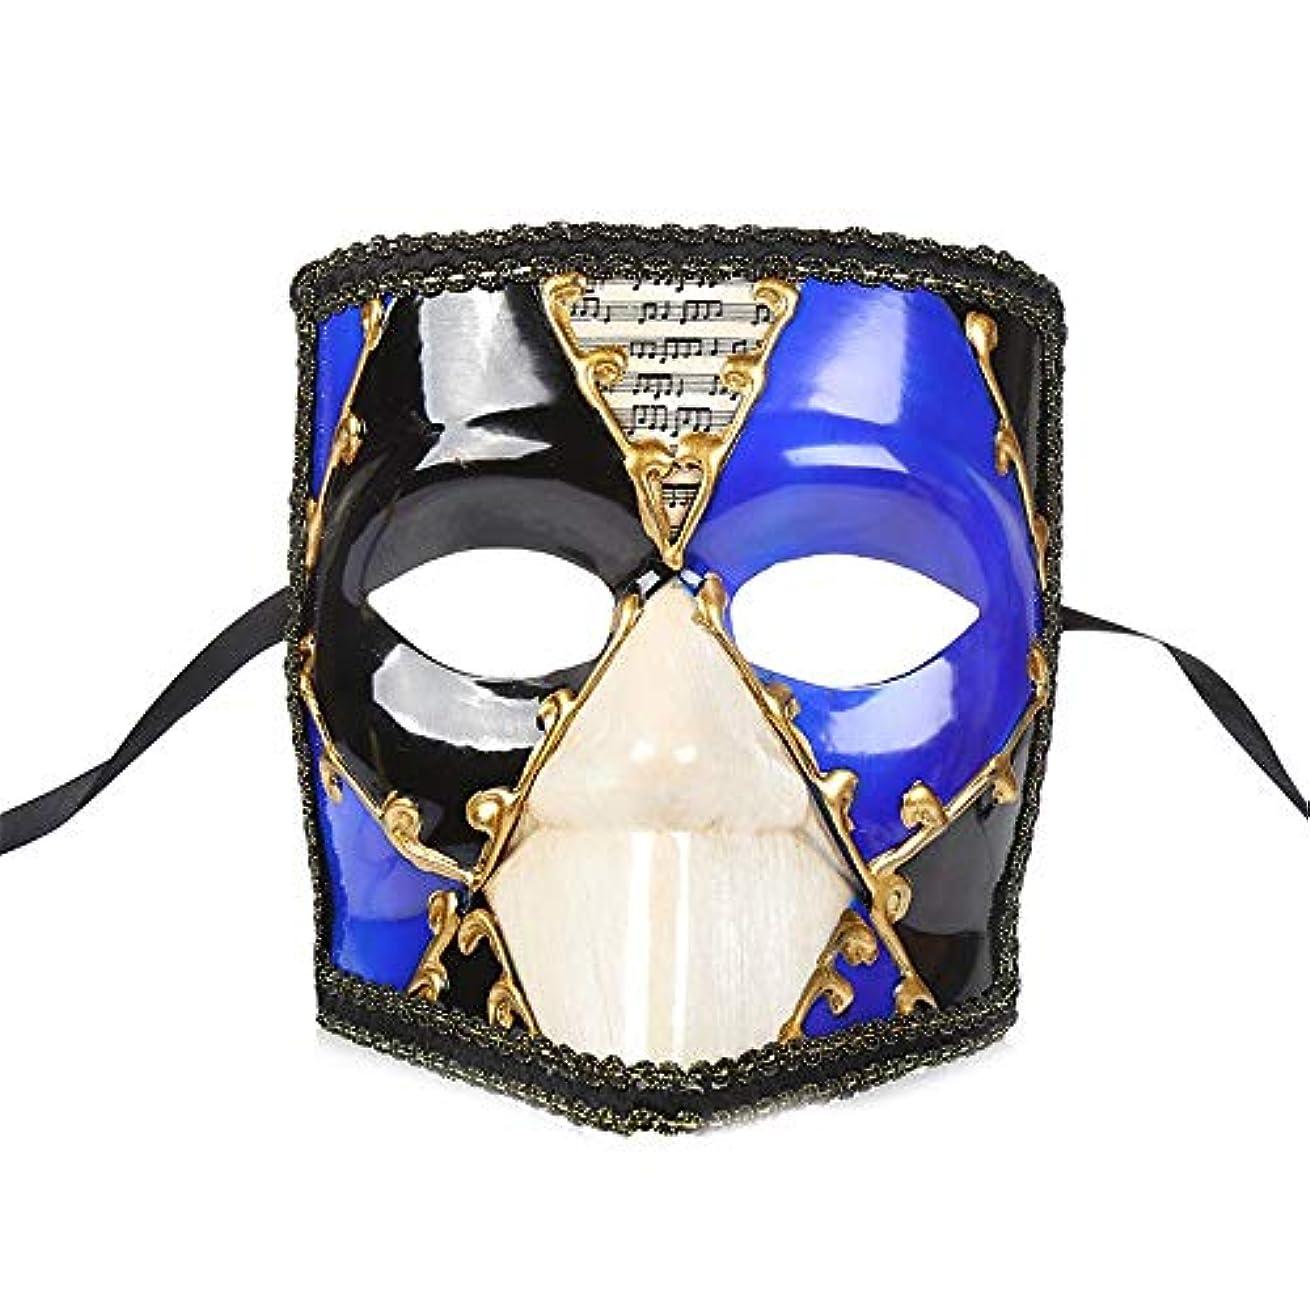 広く抜け目のない言語学ダンスマスク ピエロマスクヴィンテージマスカレードショーデコレーションコスプレナイトクラブプラスチック厚いマスク ホリデーパーティー用品 (色 : 青, サイズ : 18x15cm)